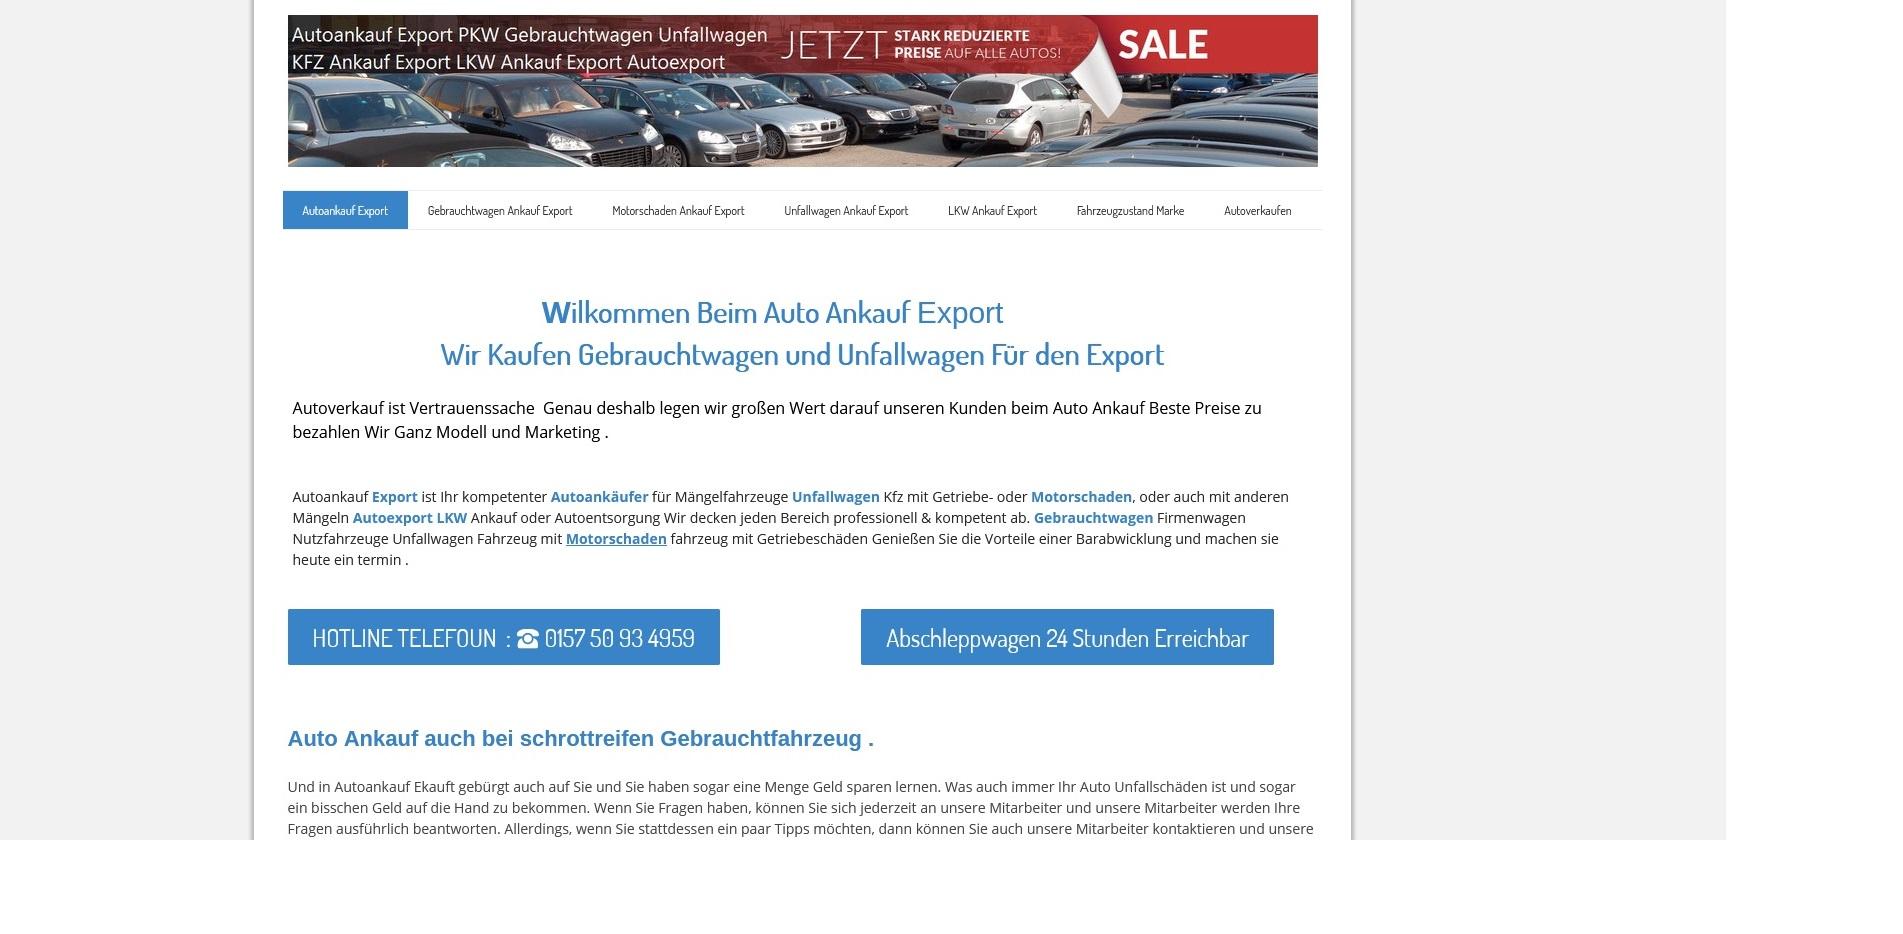 https://www.kfz-ankauf-export.de - Autoankauf Aurich